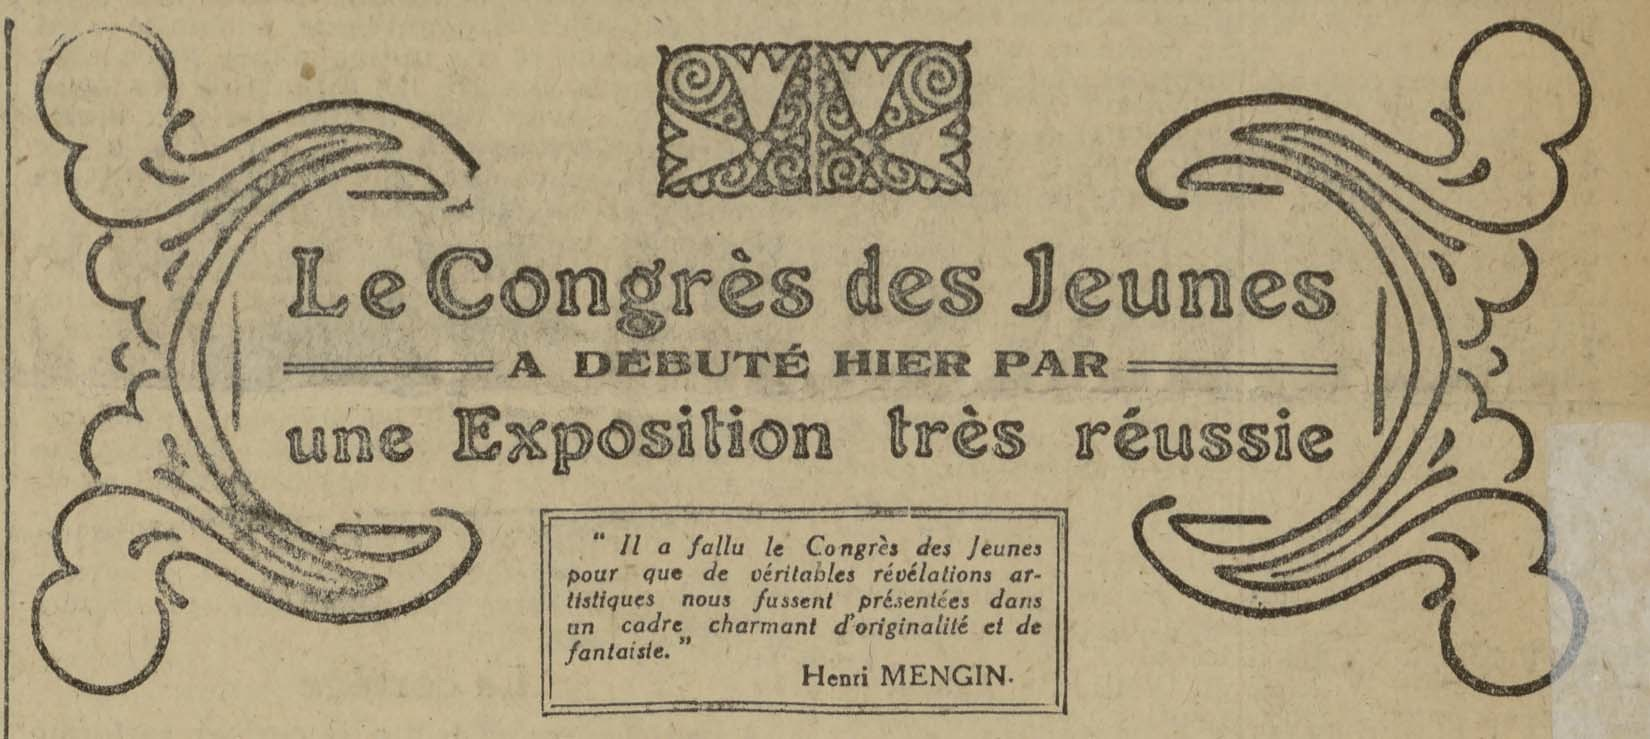 Est Républicain du 13/09/1920 (Source Kiosque Lorrain)